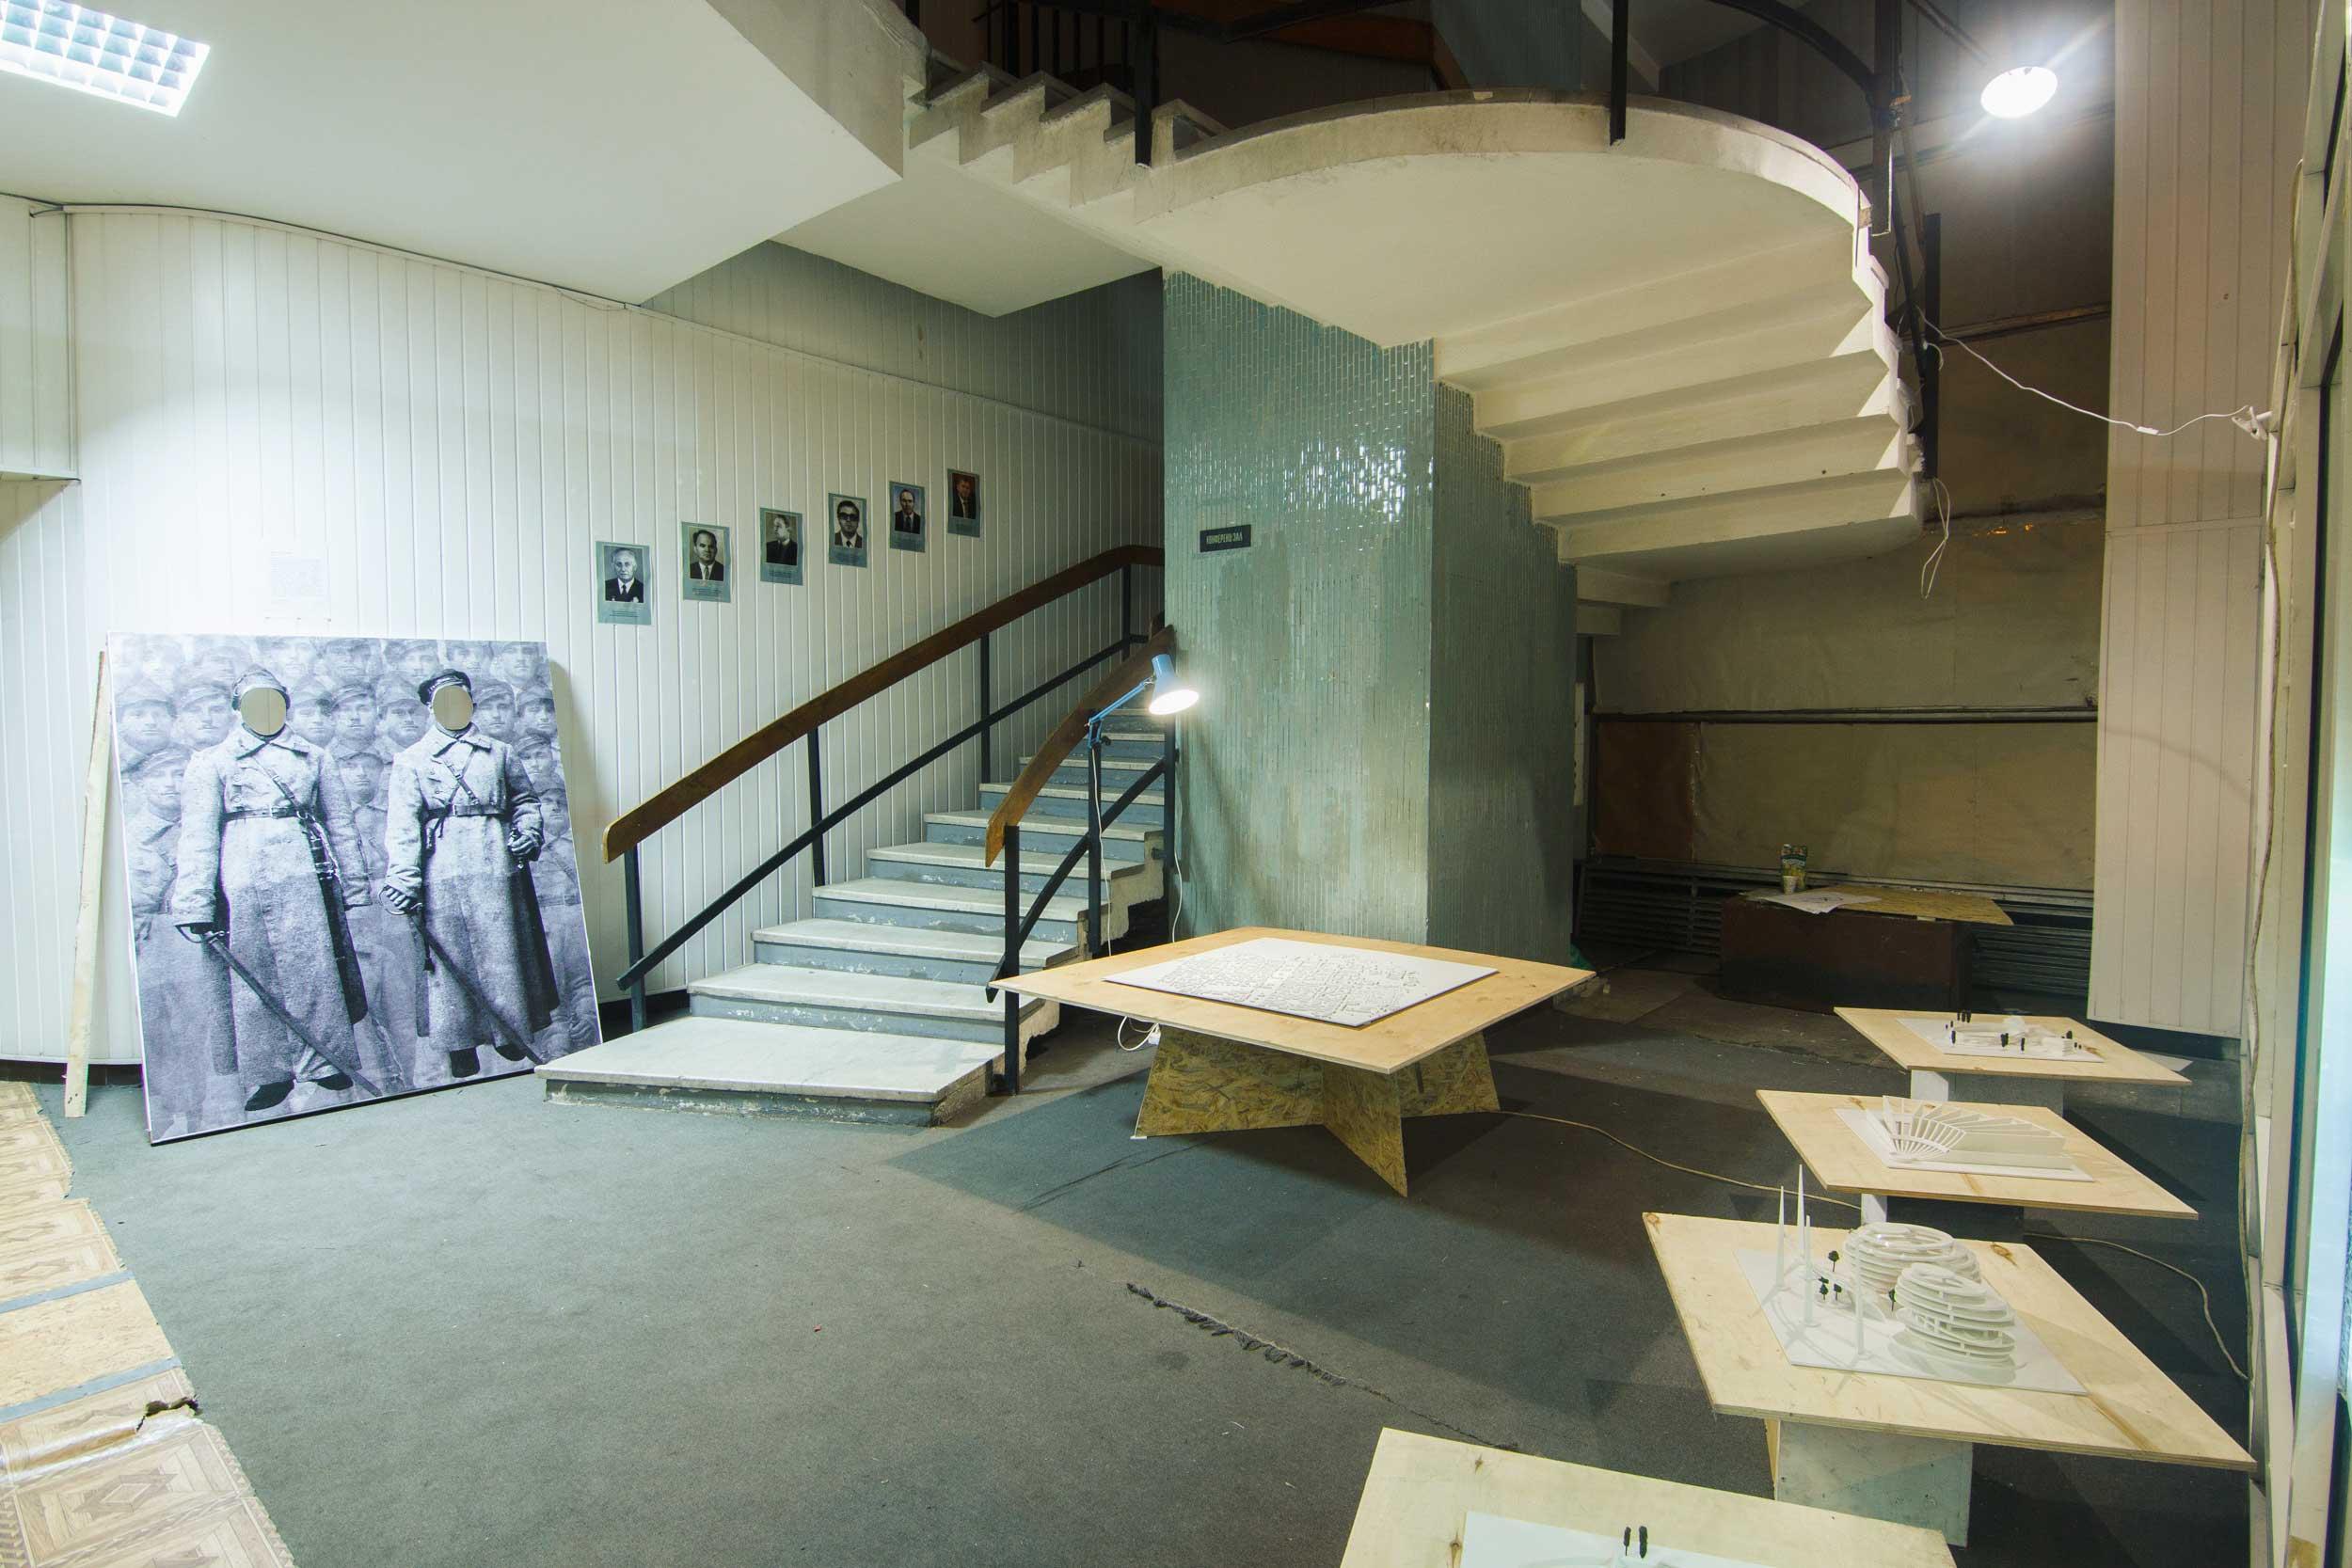 tarilka img 4116 - <b>Активизм памяти.</b> О «Тарелке» на Лыбедской, активистских и художественных инициативах вокруг советского культурного наследия - Заборона